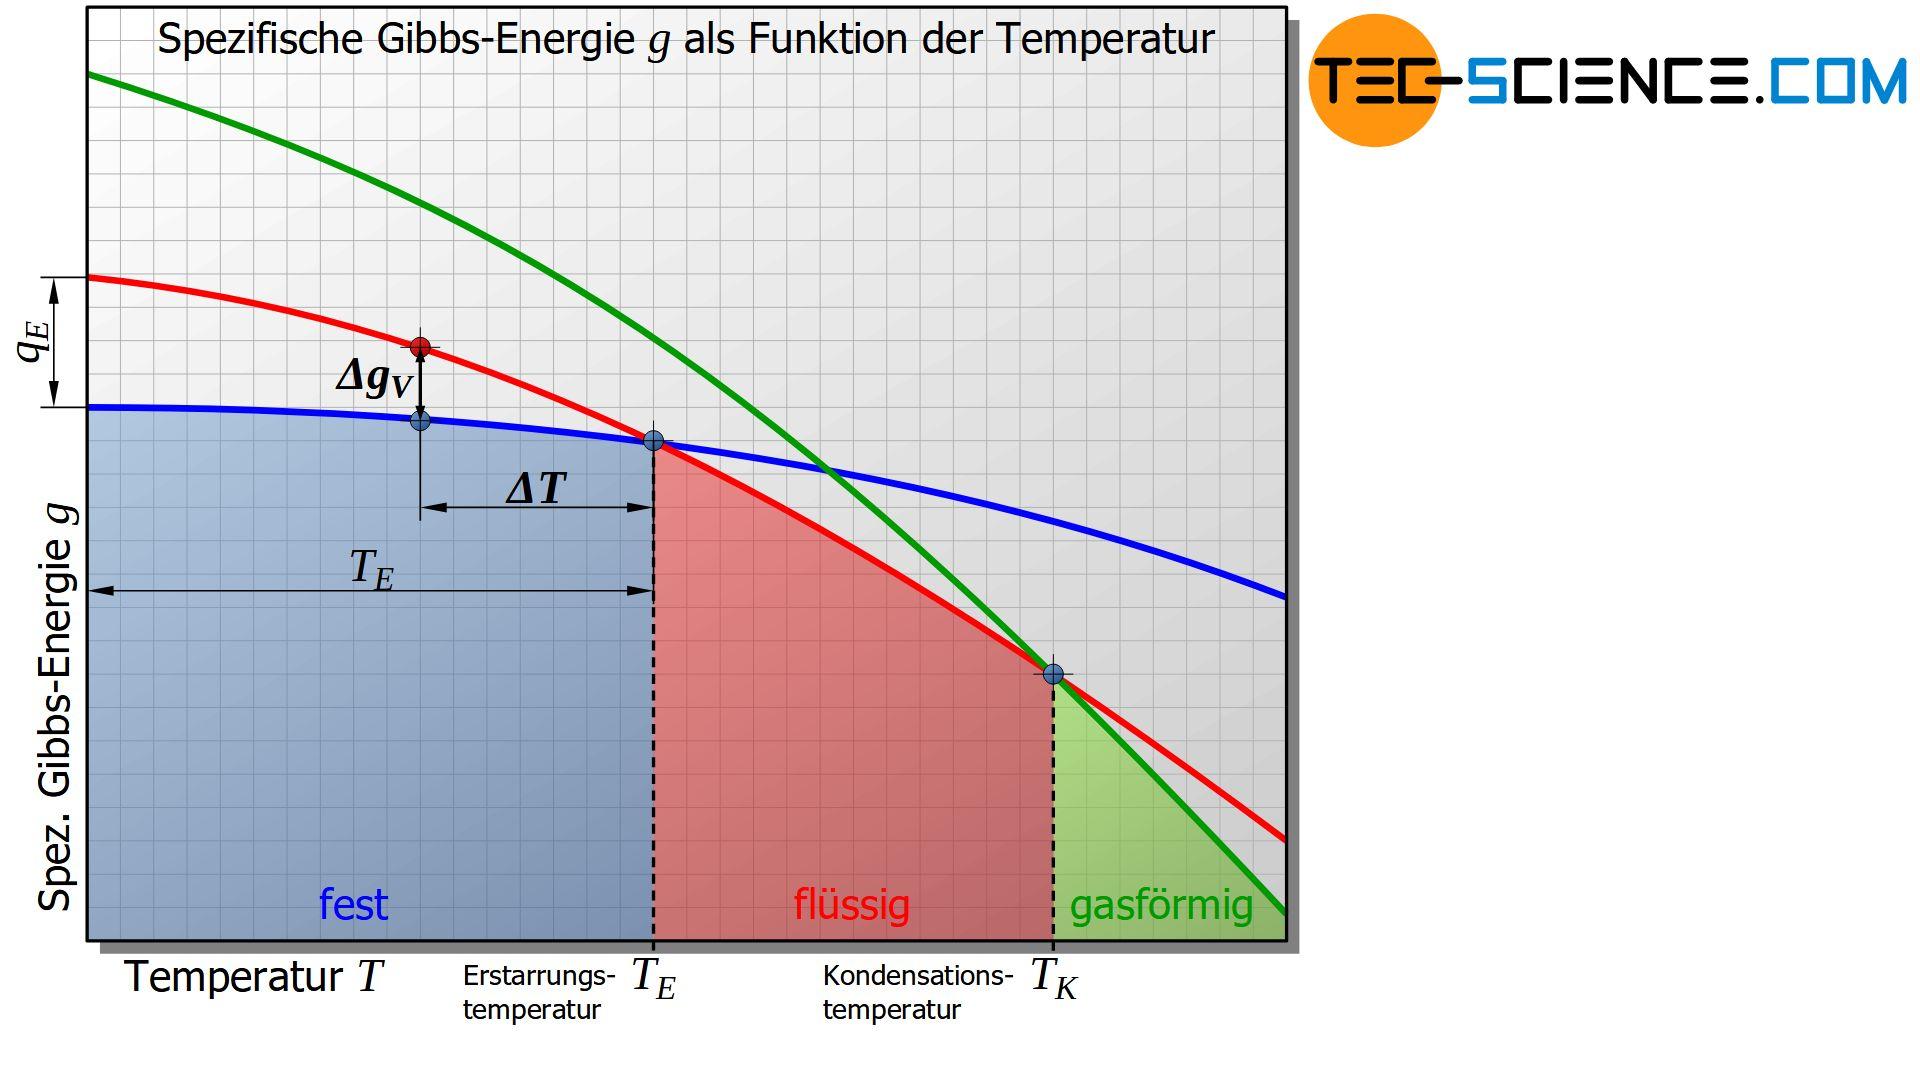 SpezifAbbildung: Spezifische Gibbs-Energie als Funktion der Temperaturische Gibbs-Energie als Funktion der Temperatur